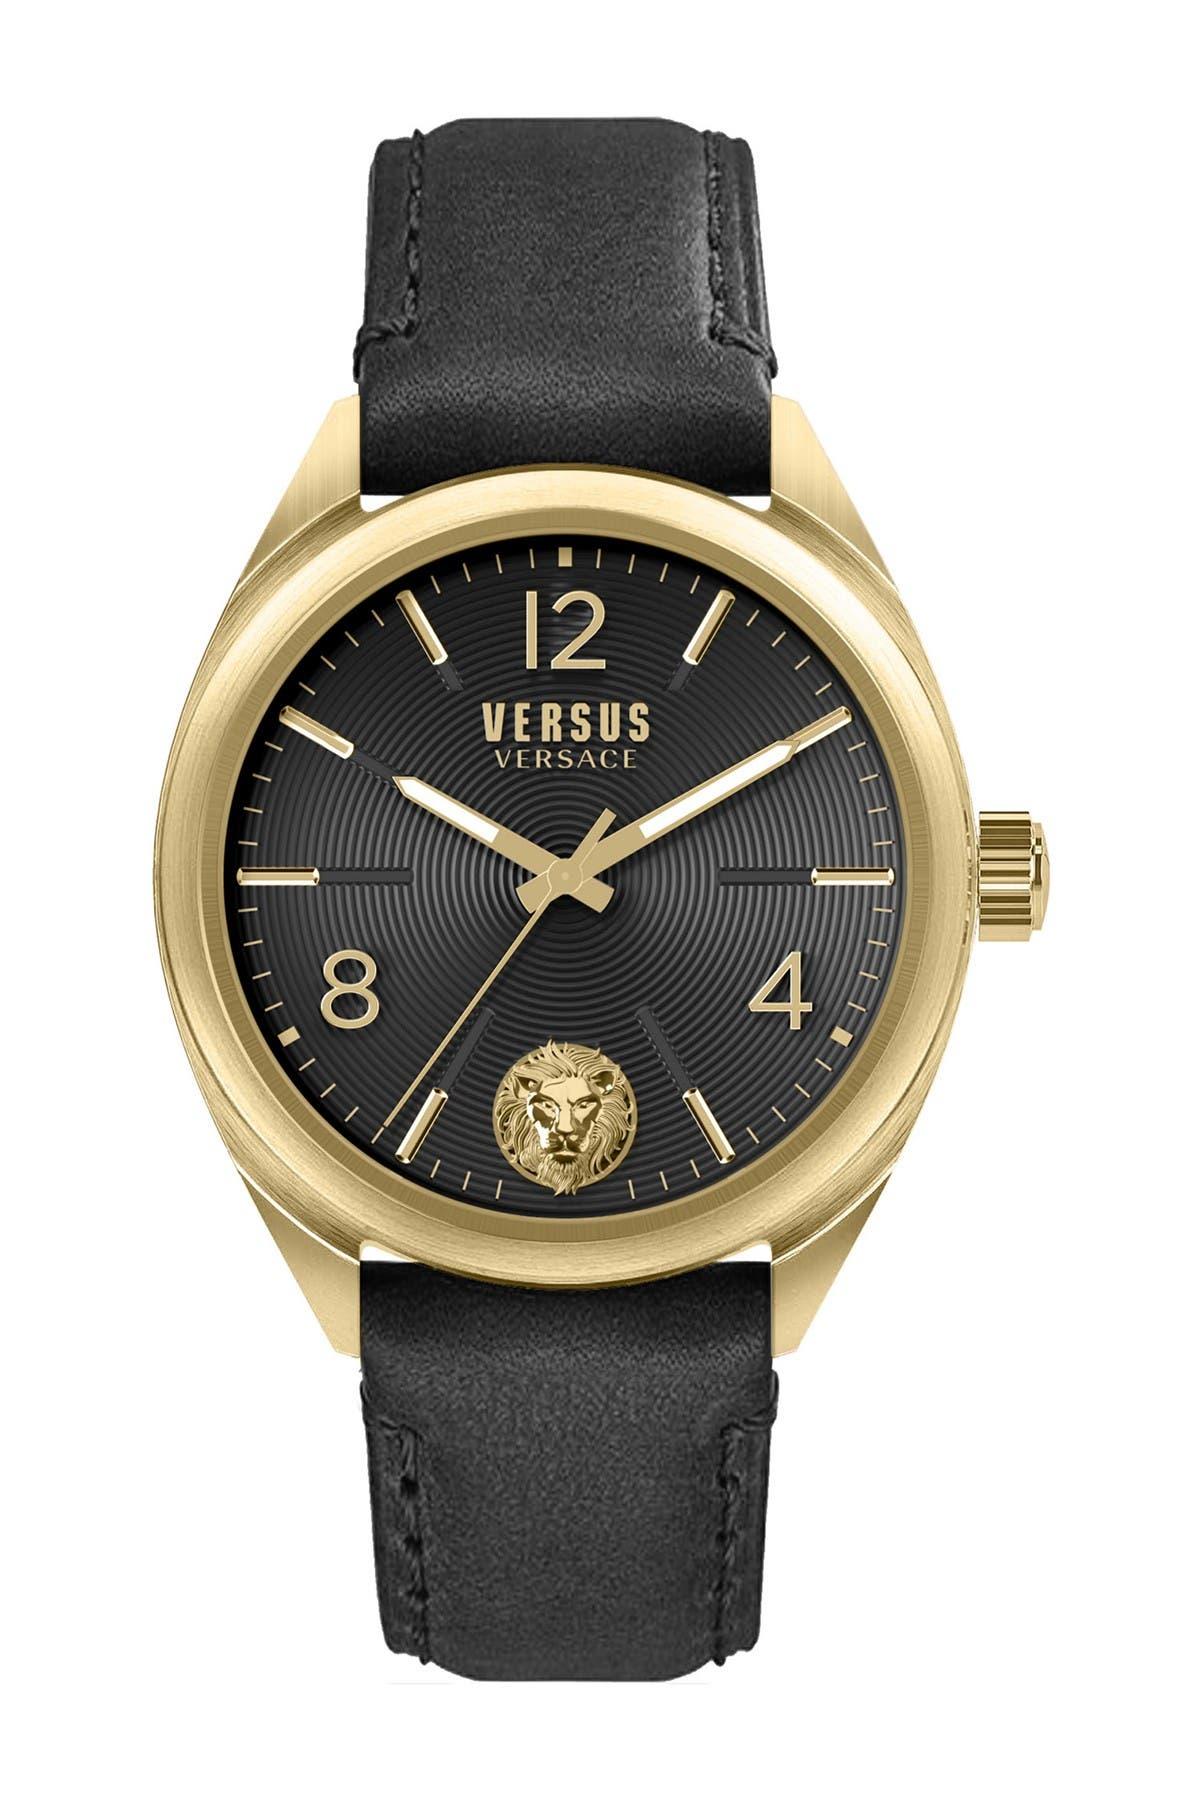 Image of VERSUS Men's Lexington Quartz Leather Strap Watch, 44mm